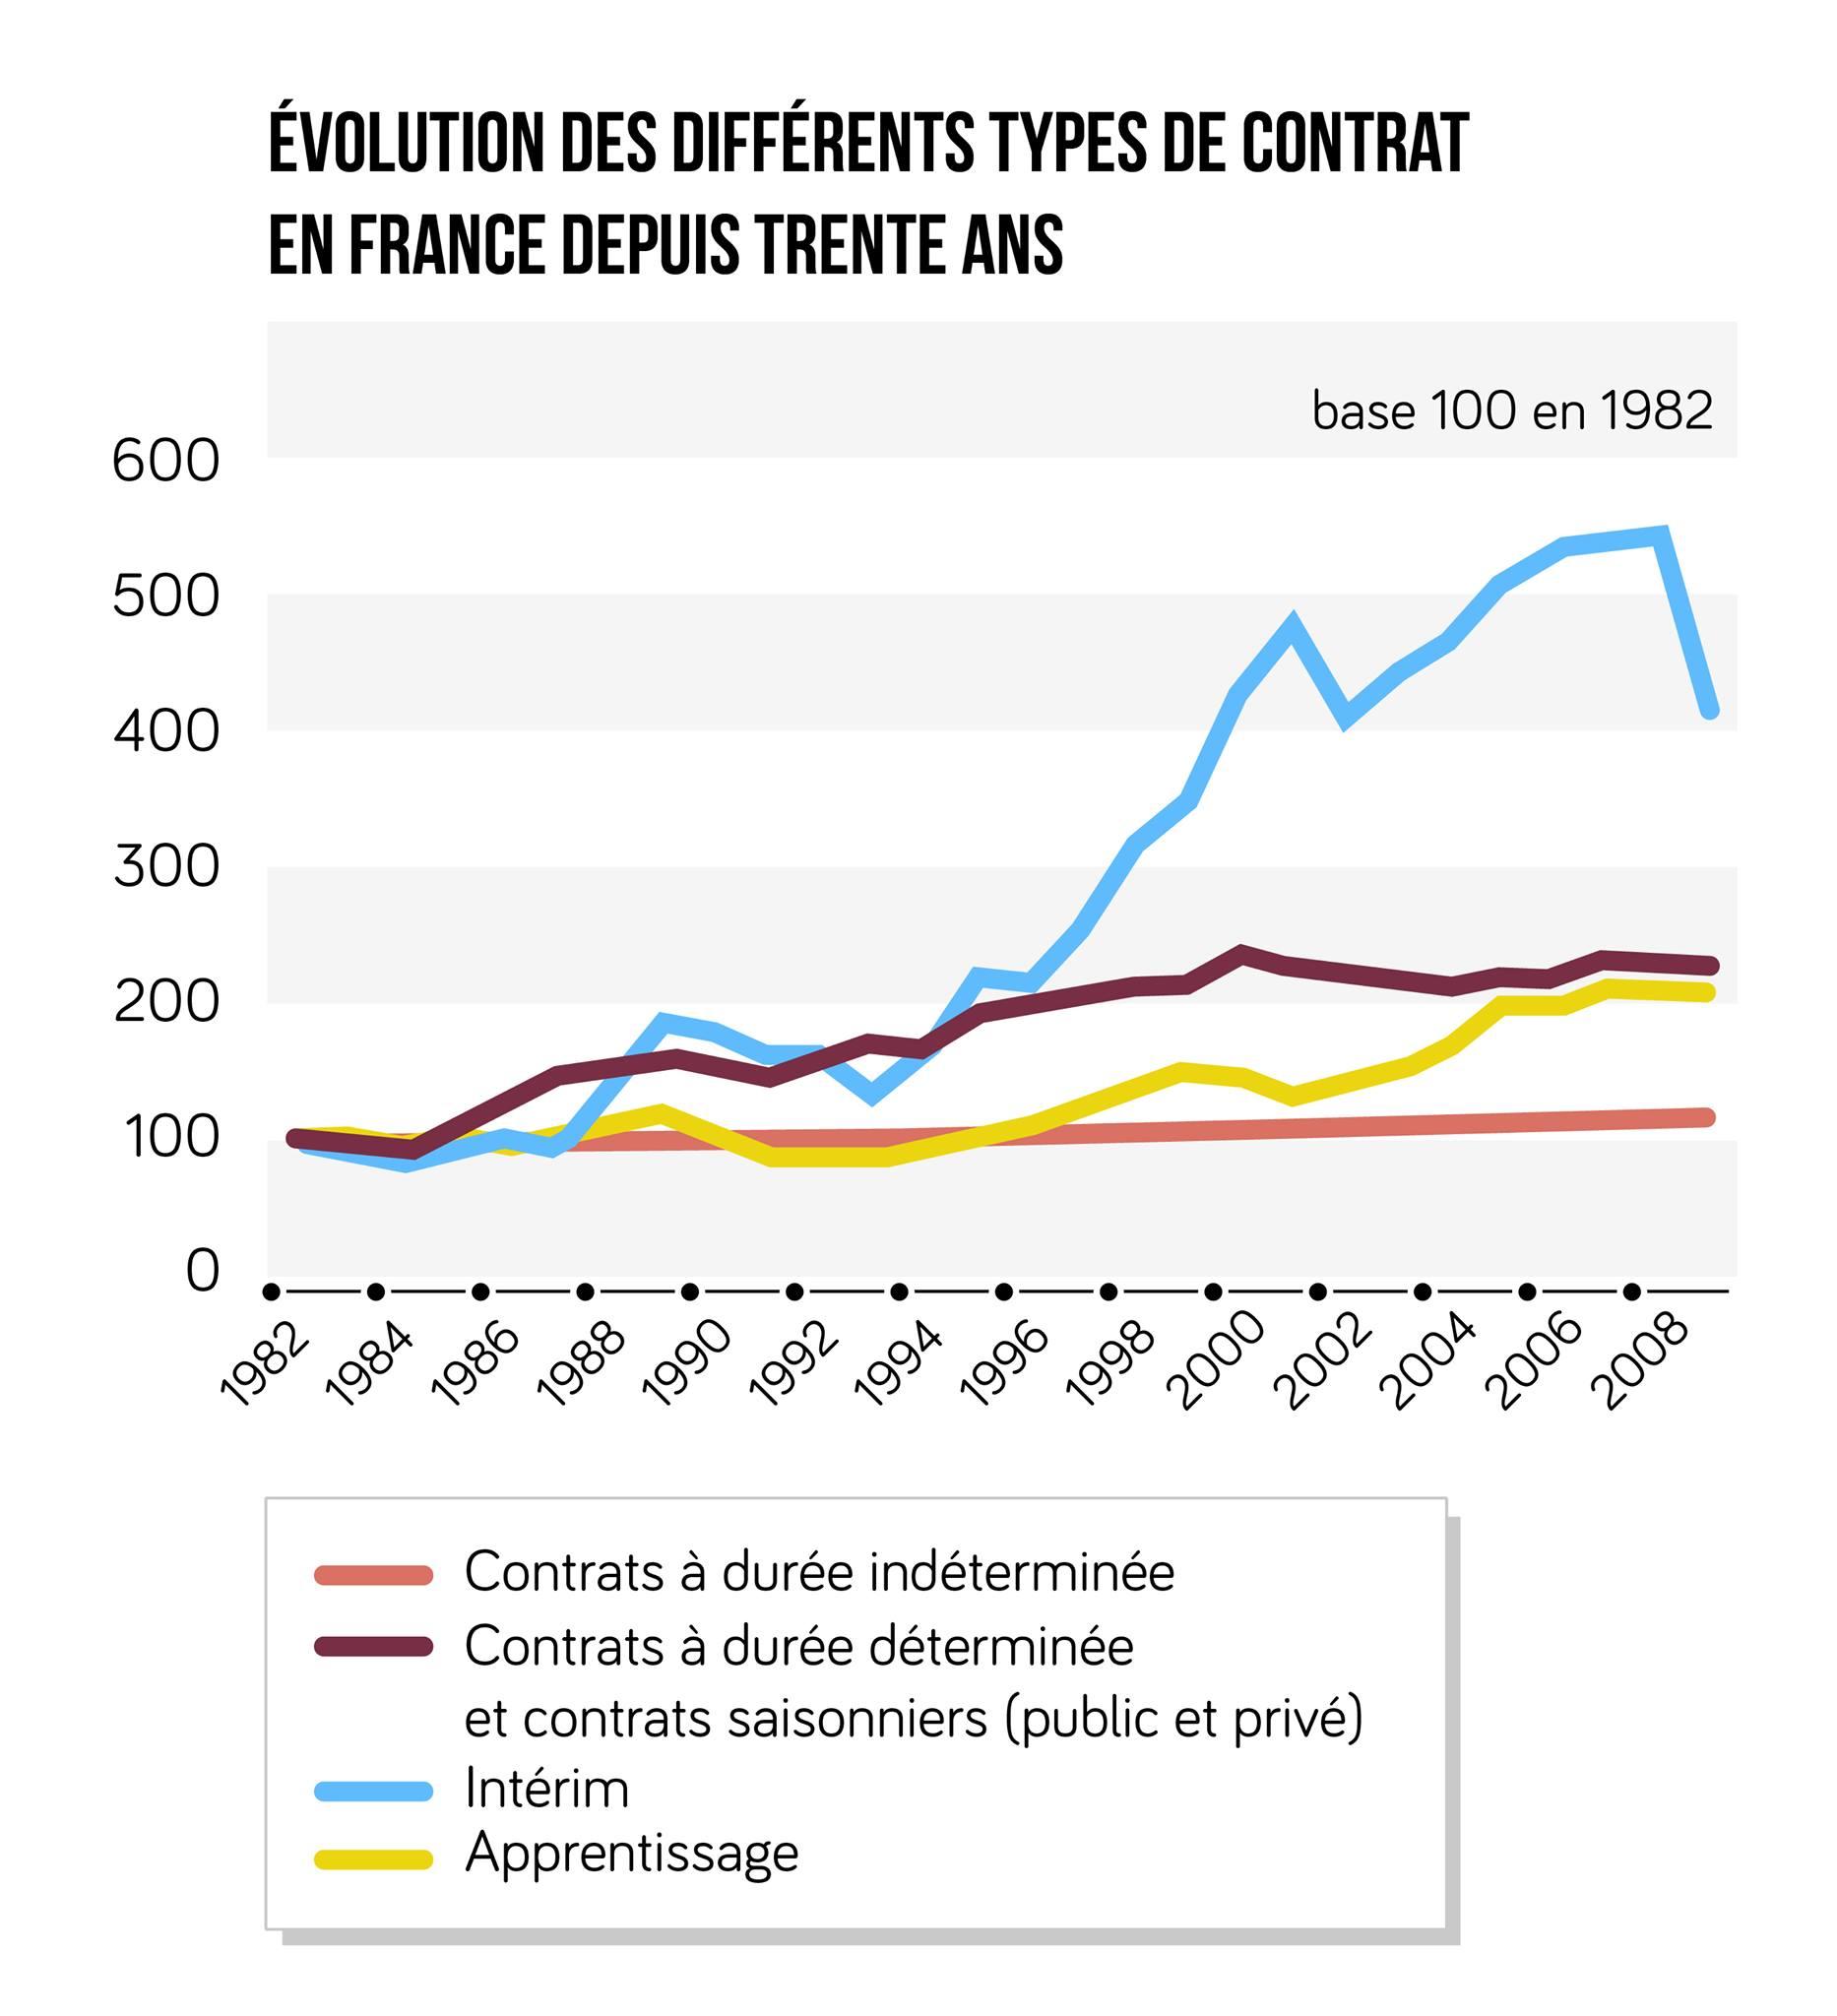 les différents types de contrats en France entre 1982 et 2008 ses terminale